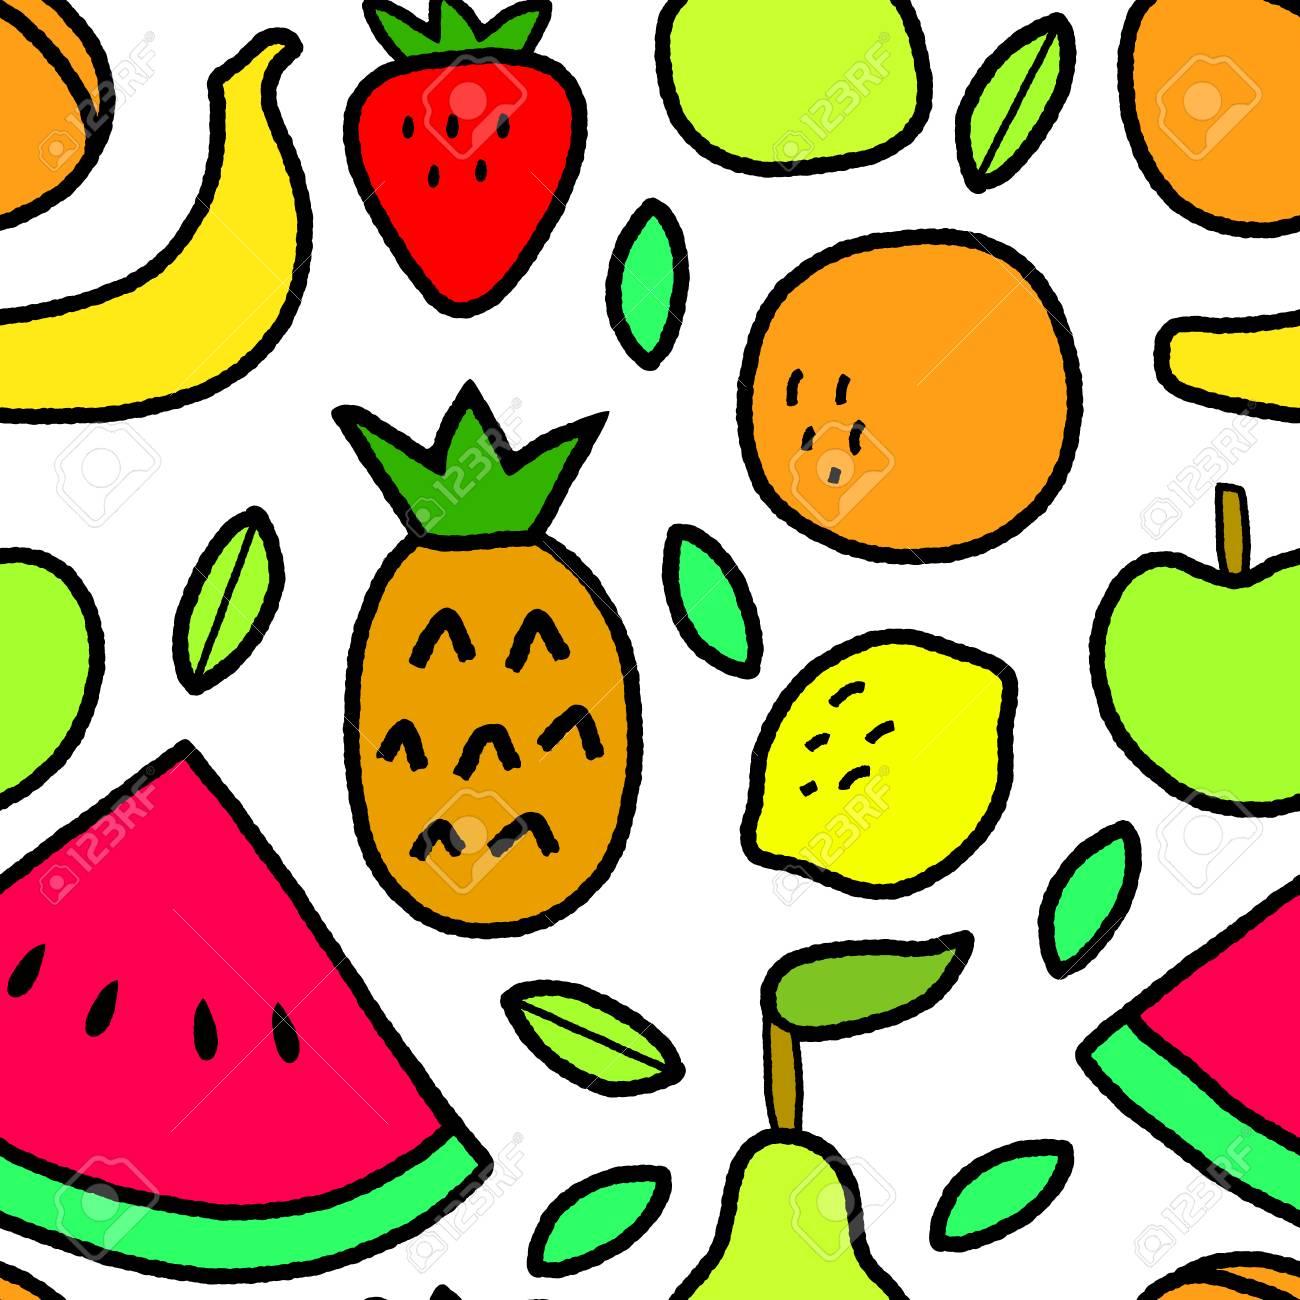 簡単な果物と葉の白いシームレスなパターン ベクトルしますのイラスト